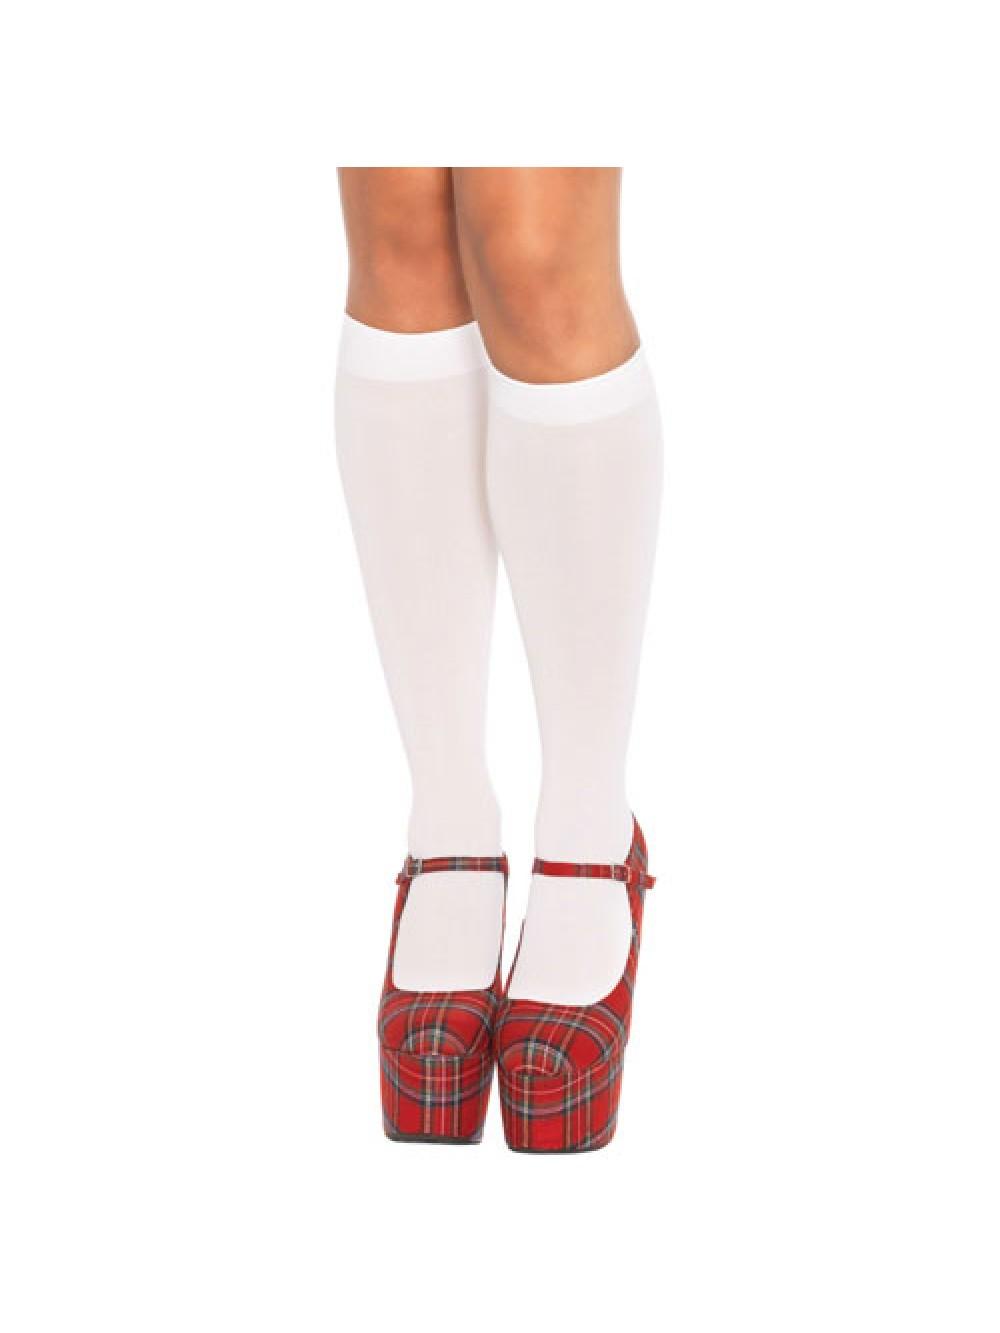 Leg Avenue Nylon Knee Highs White UK 8 to 14 714718005751